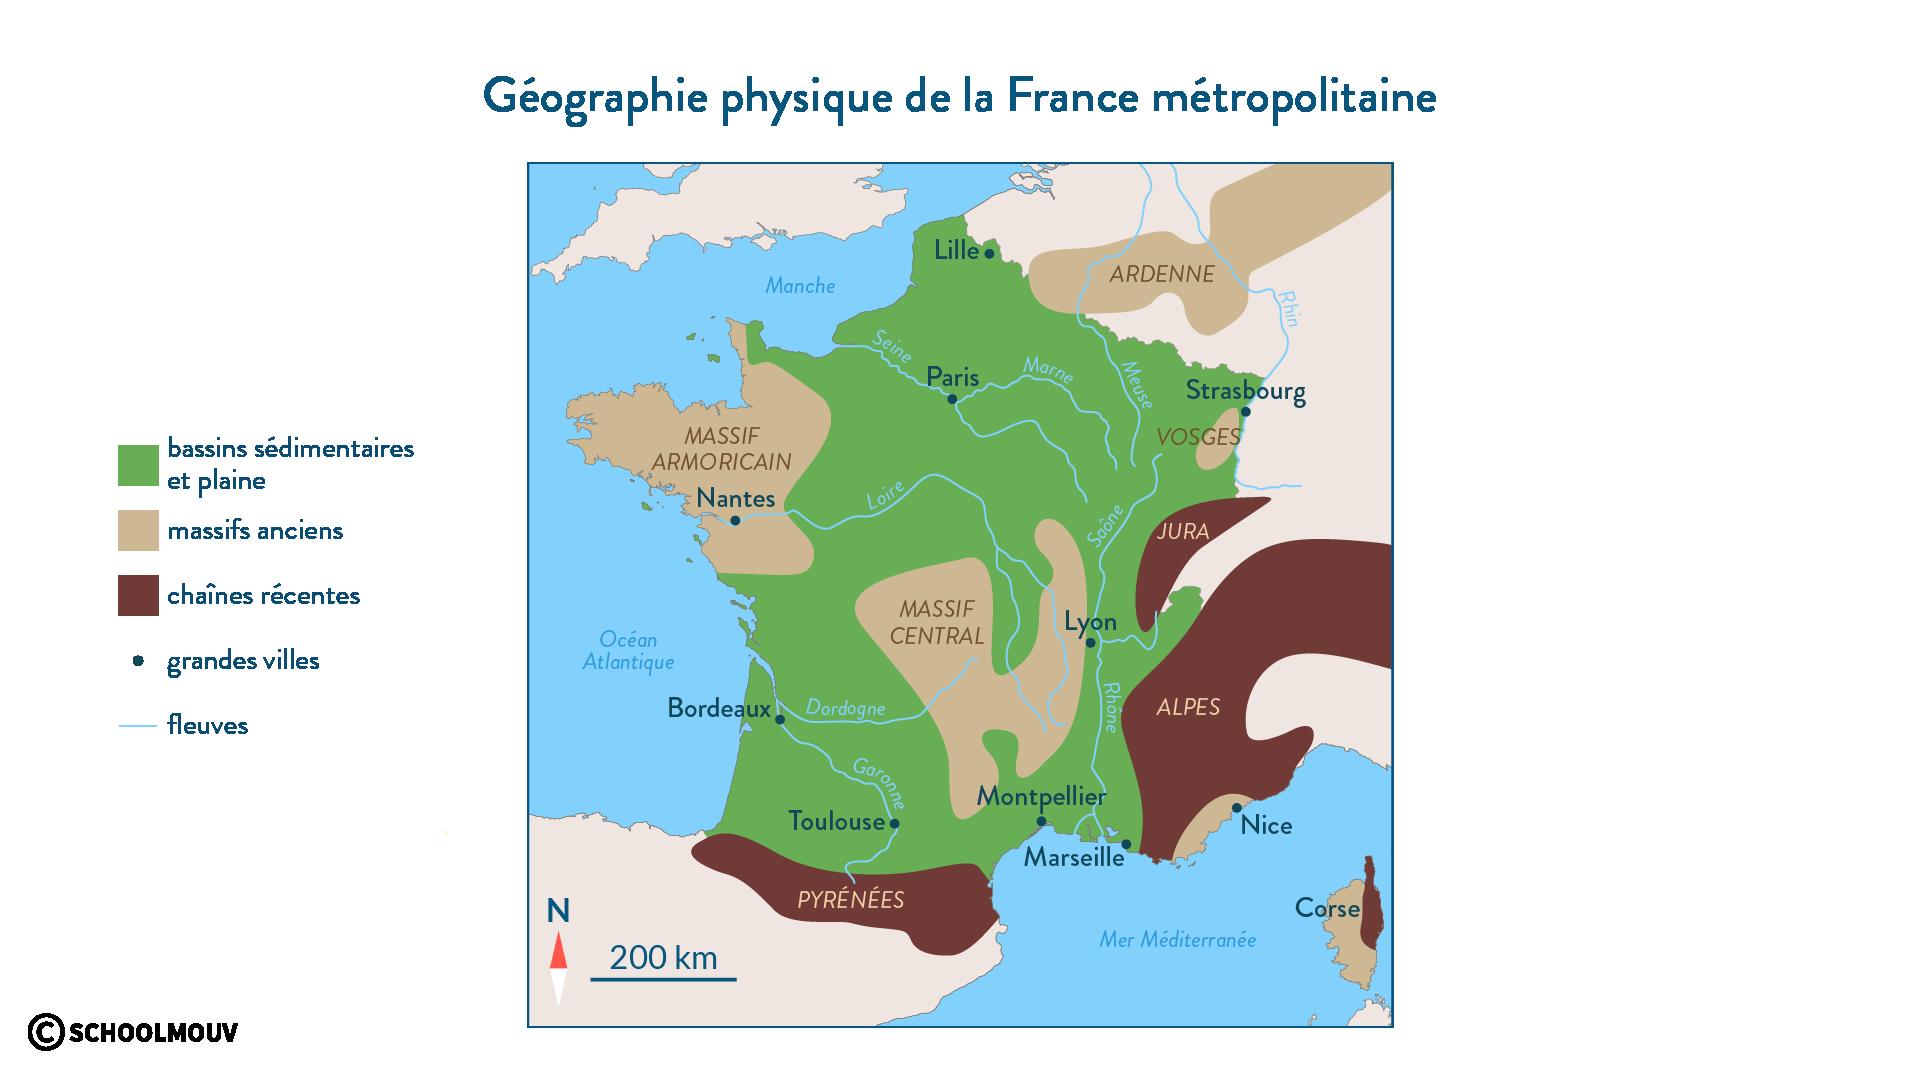 Géographie physique de la France métropolitaine - SchoolMouv - Géographie - 2de